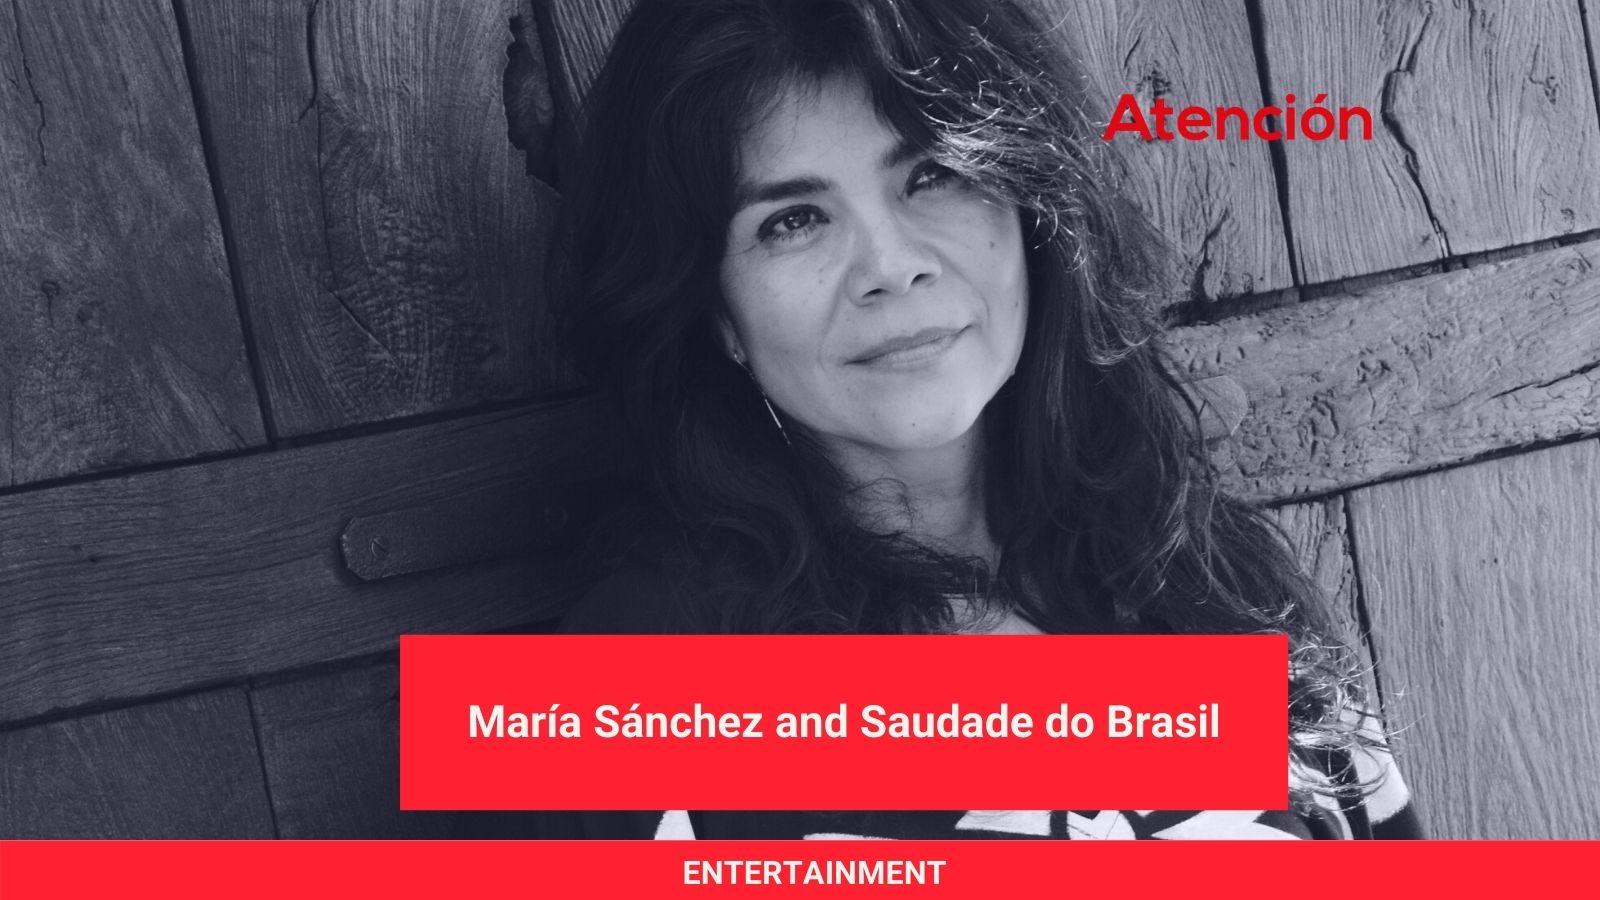 Maria-Sanchez-and-Saudade-do-Brasil.jpg